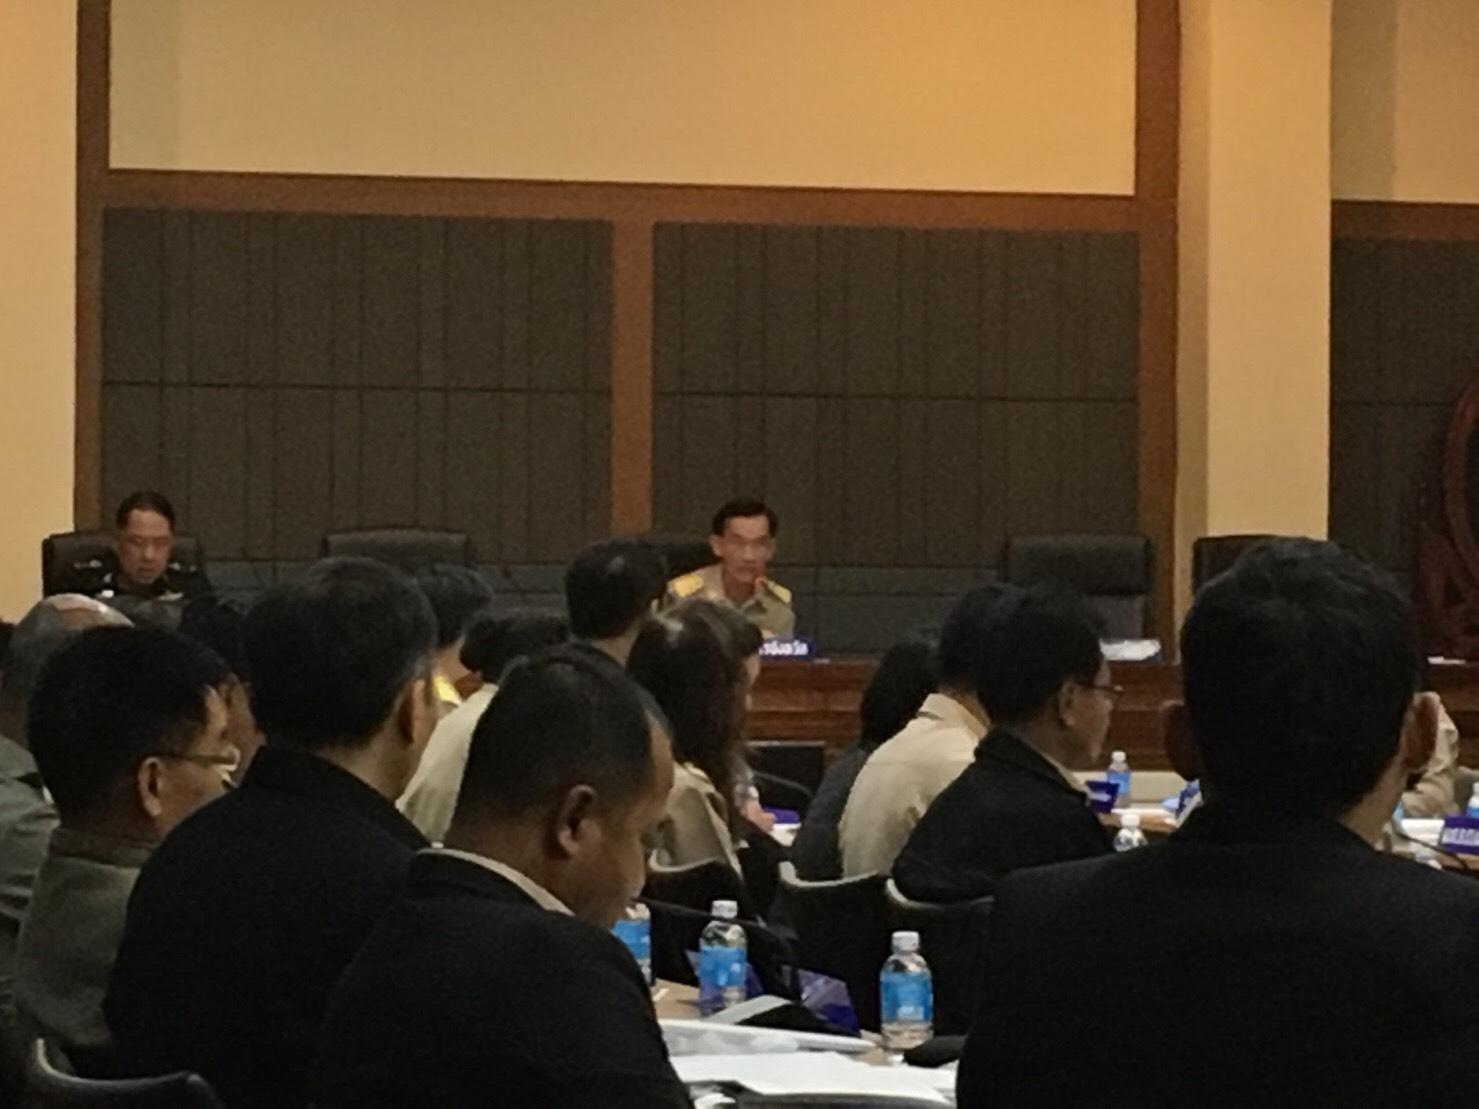 มทร.ล้านนา เชียงราย เข้าร่วมประชุมหัวหน้าส่วนราชการประจำจังหวัดเชียงราย ครั้งที่ 12/2559